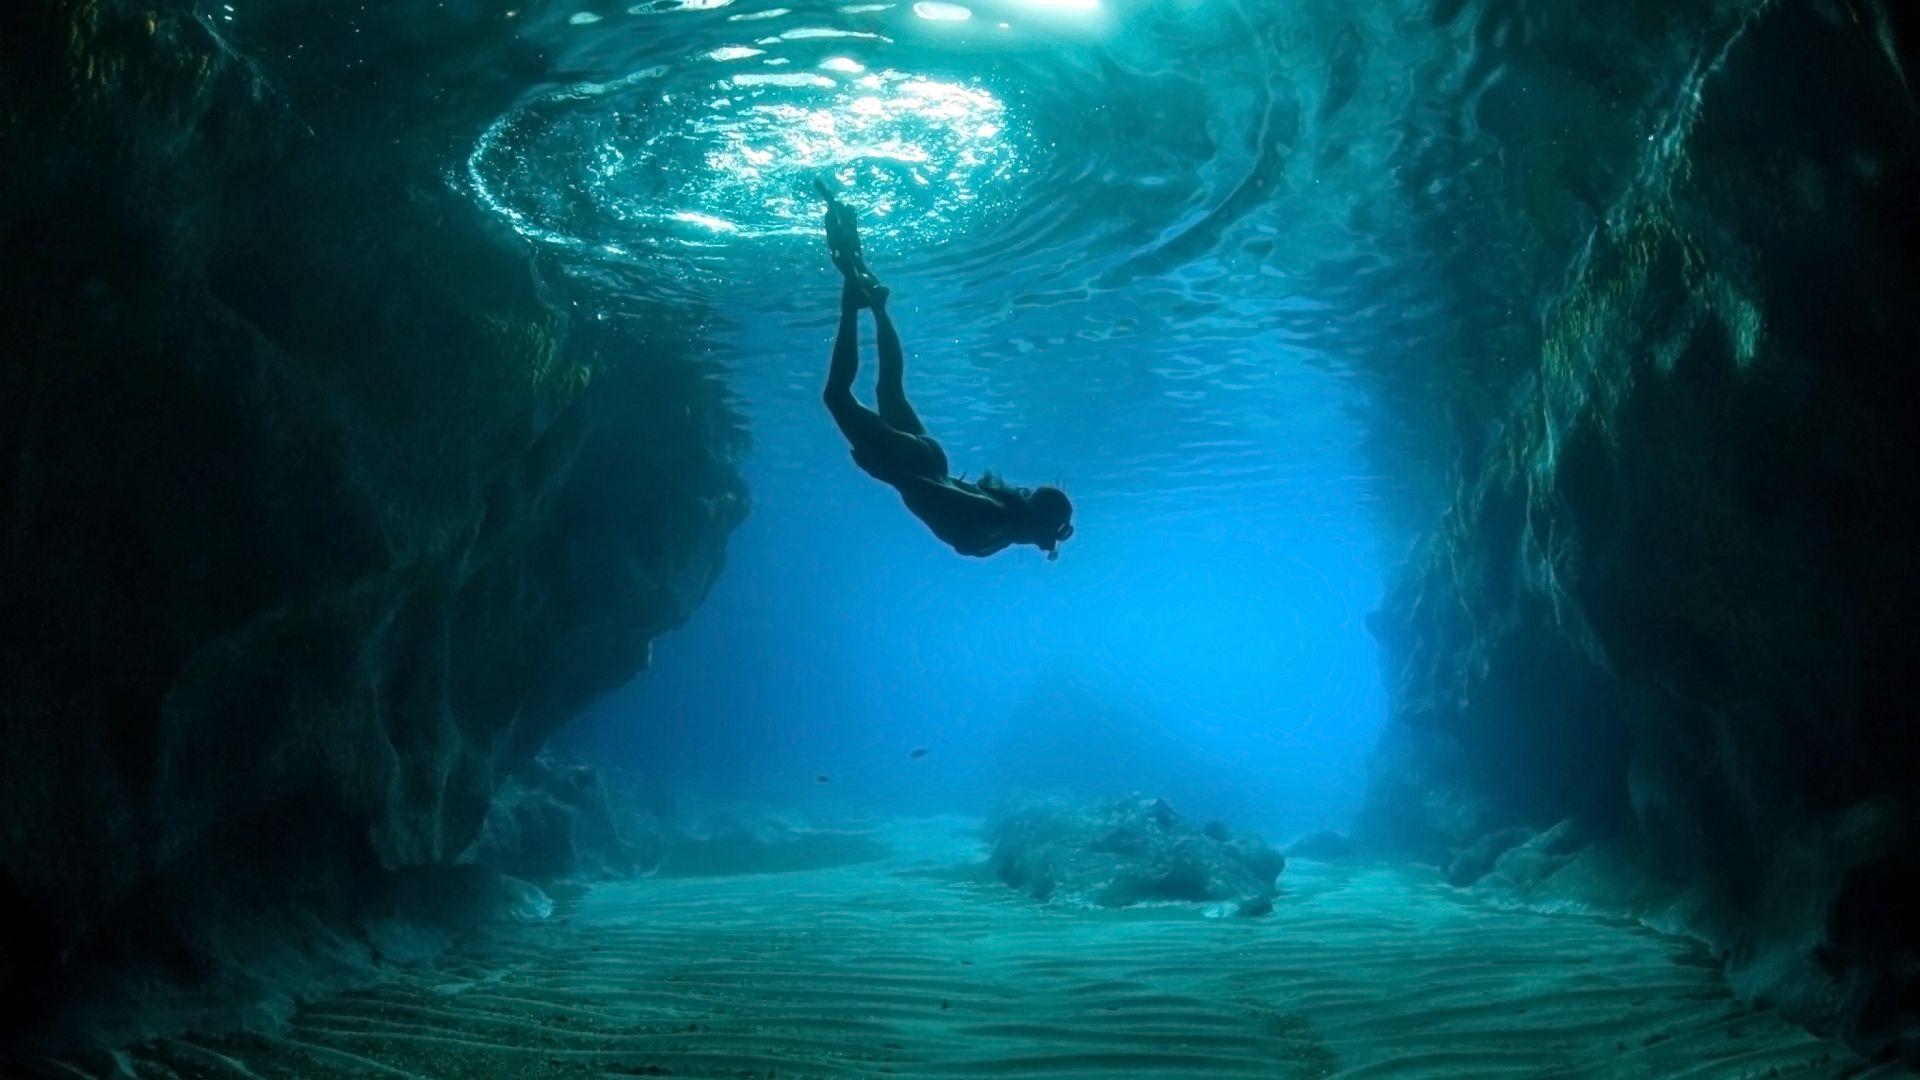 Comment rester en vie longtemps sous l'eau ? Survivre aux grandes profondeurs [Vidéos]